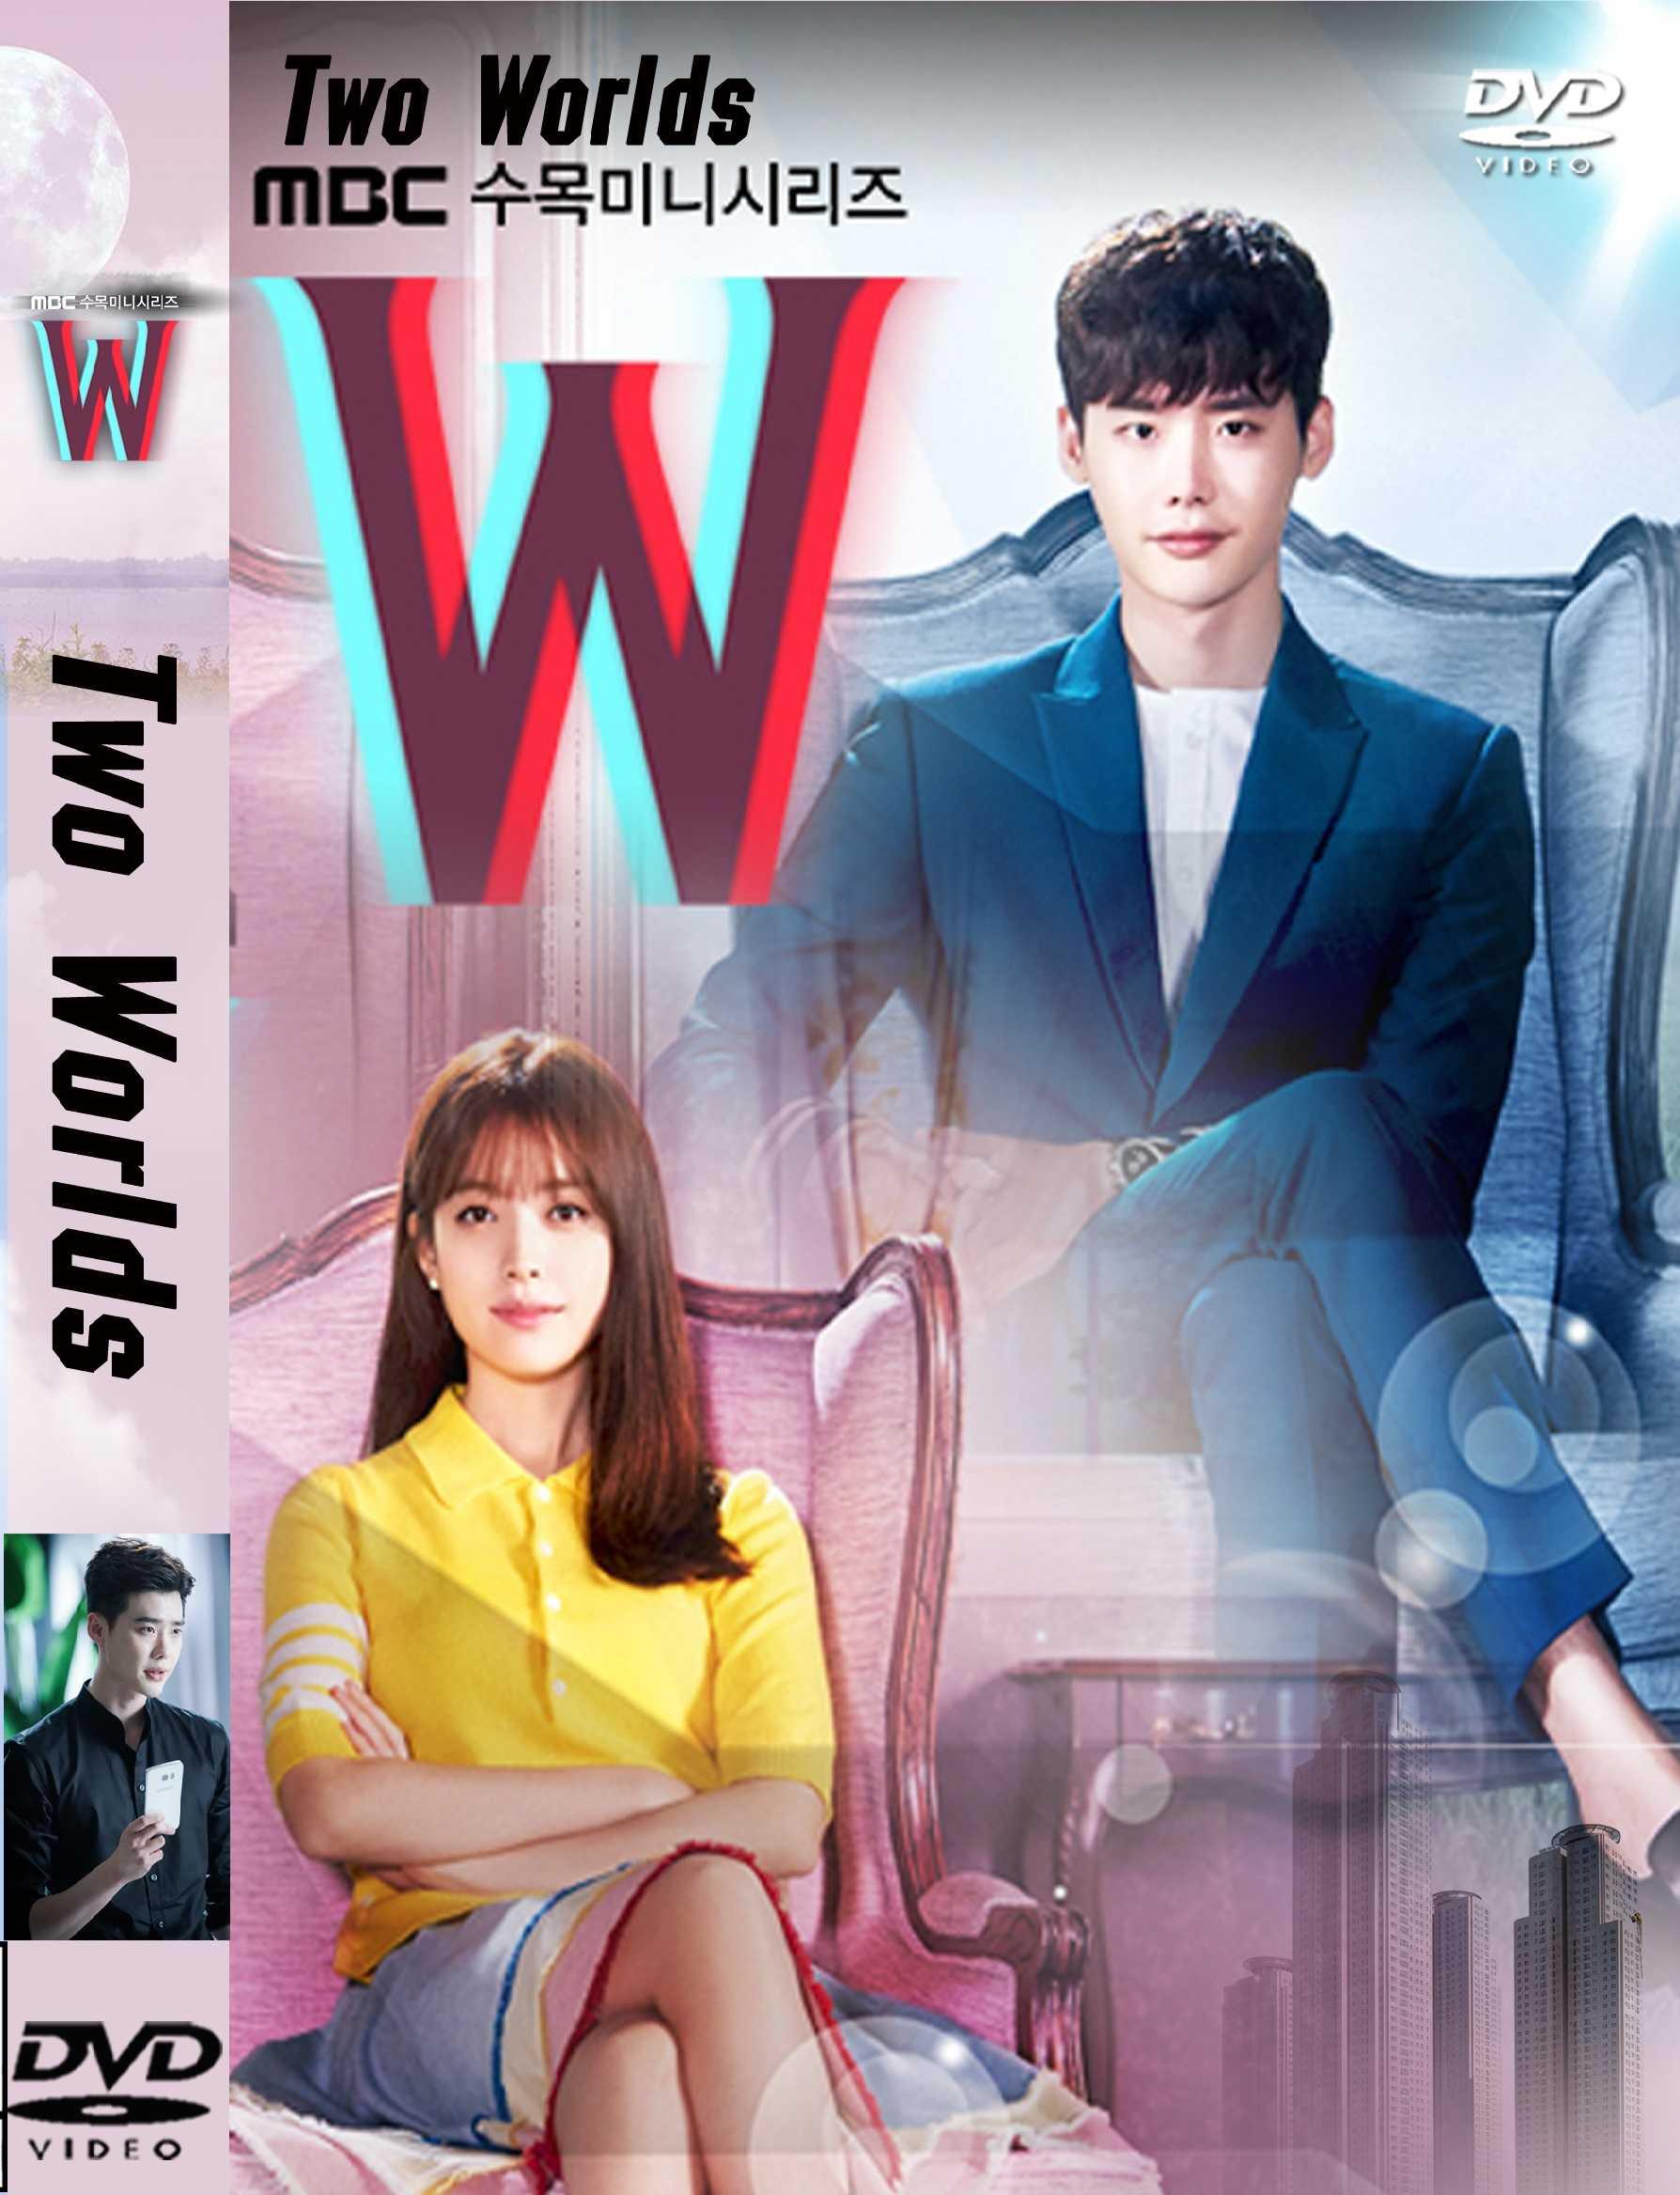 w-two-worlds-รักข้ามมิติ-ตอนที่-1-16-พากย์ไทย-จบ-